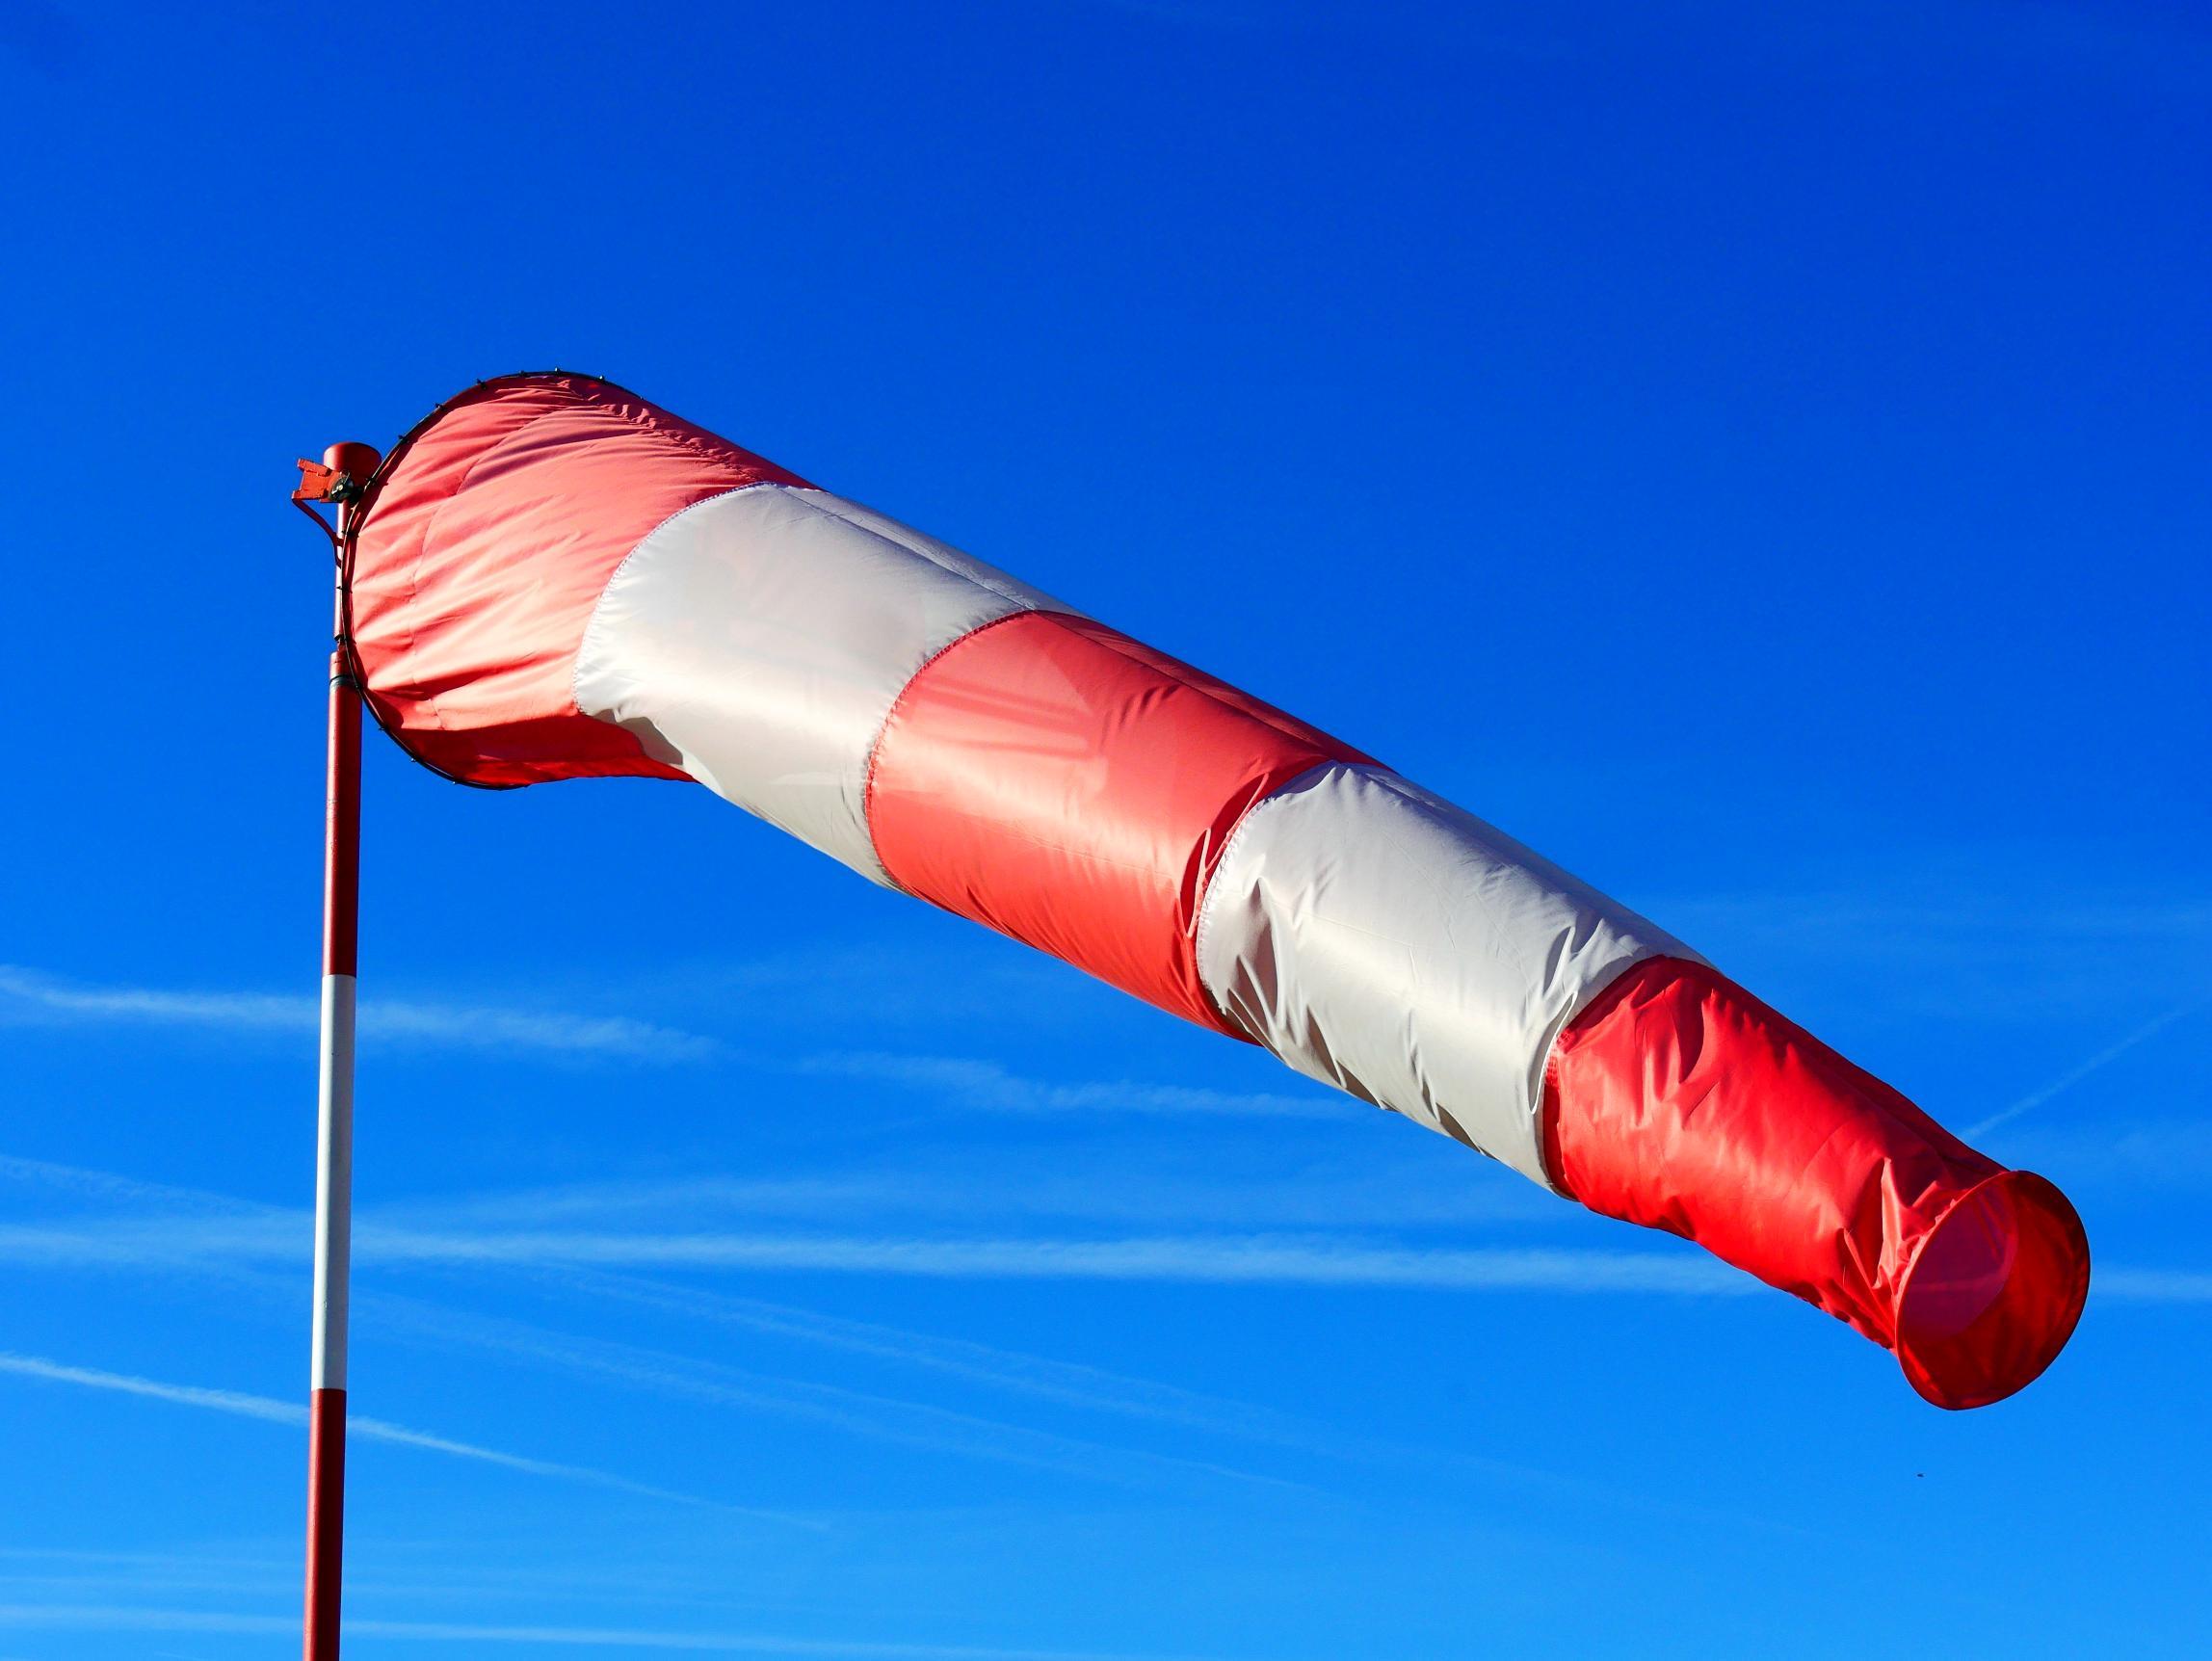 einsatz-wind-sock-2234587